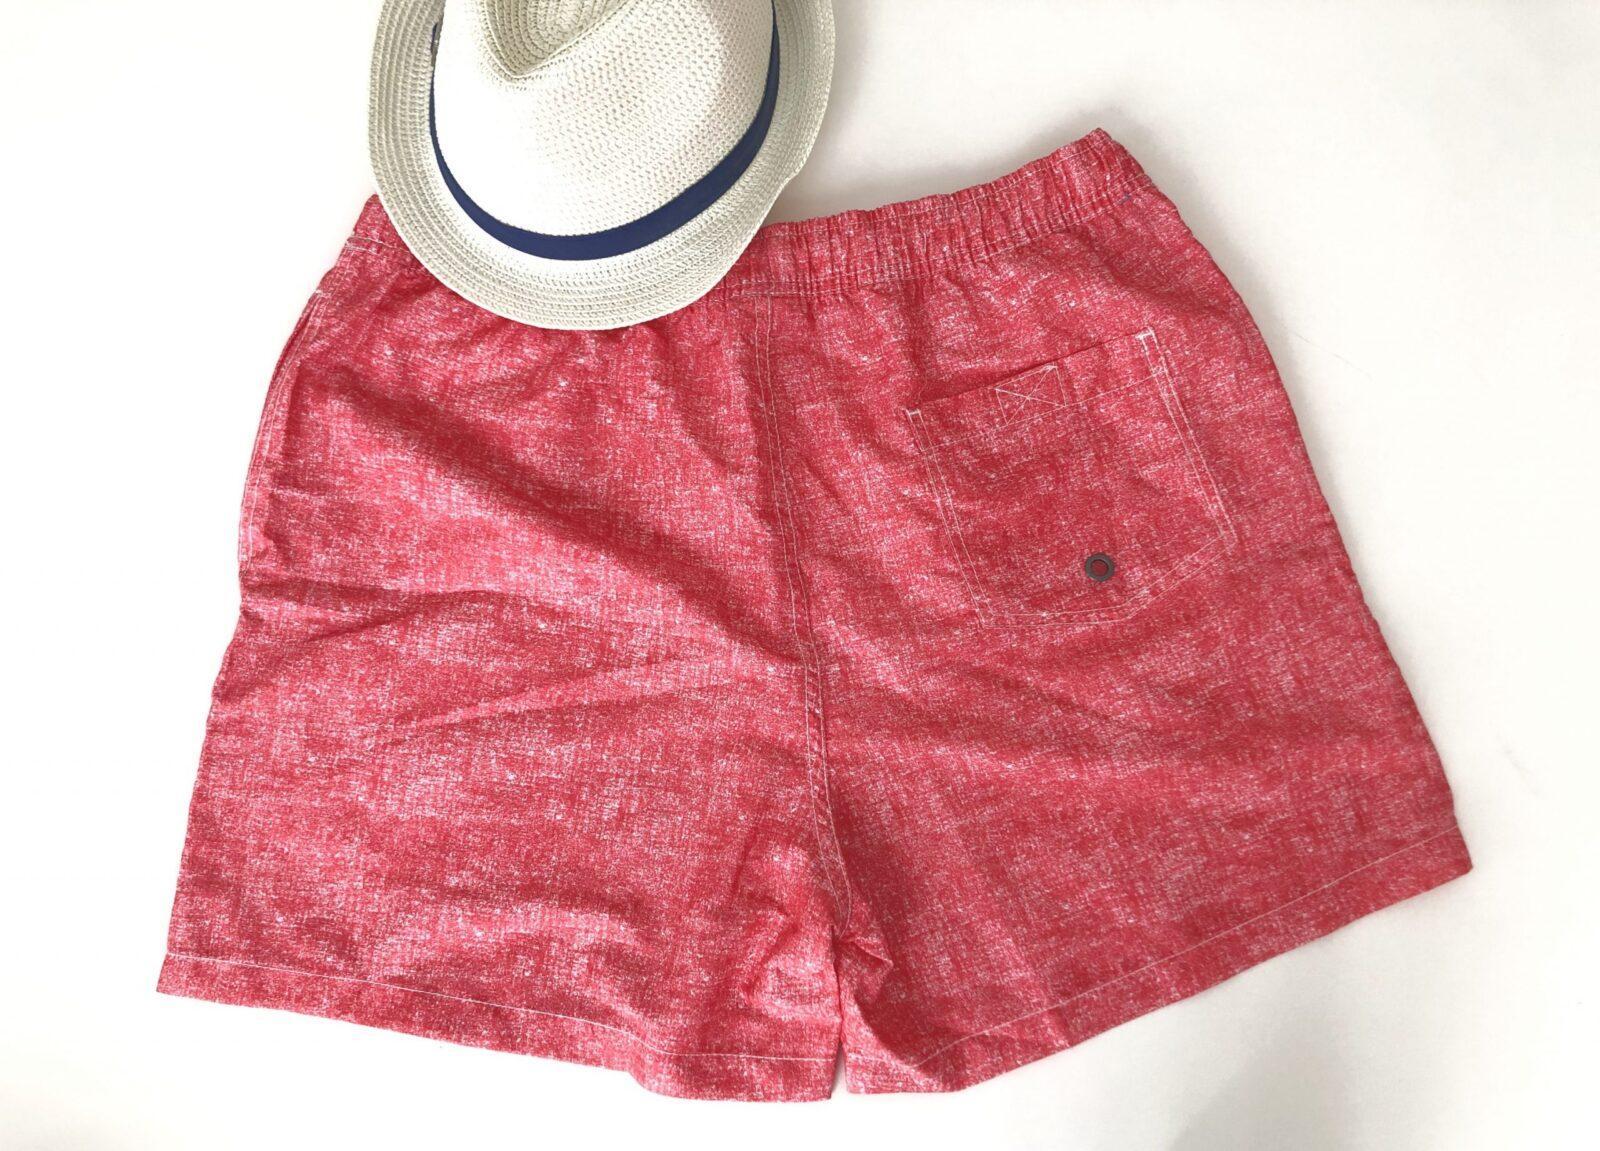 Coral swimming shorts